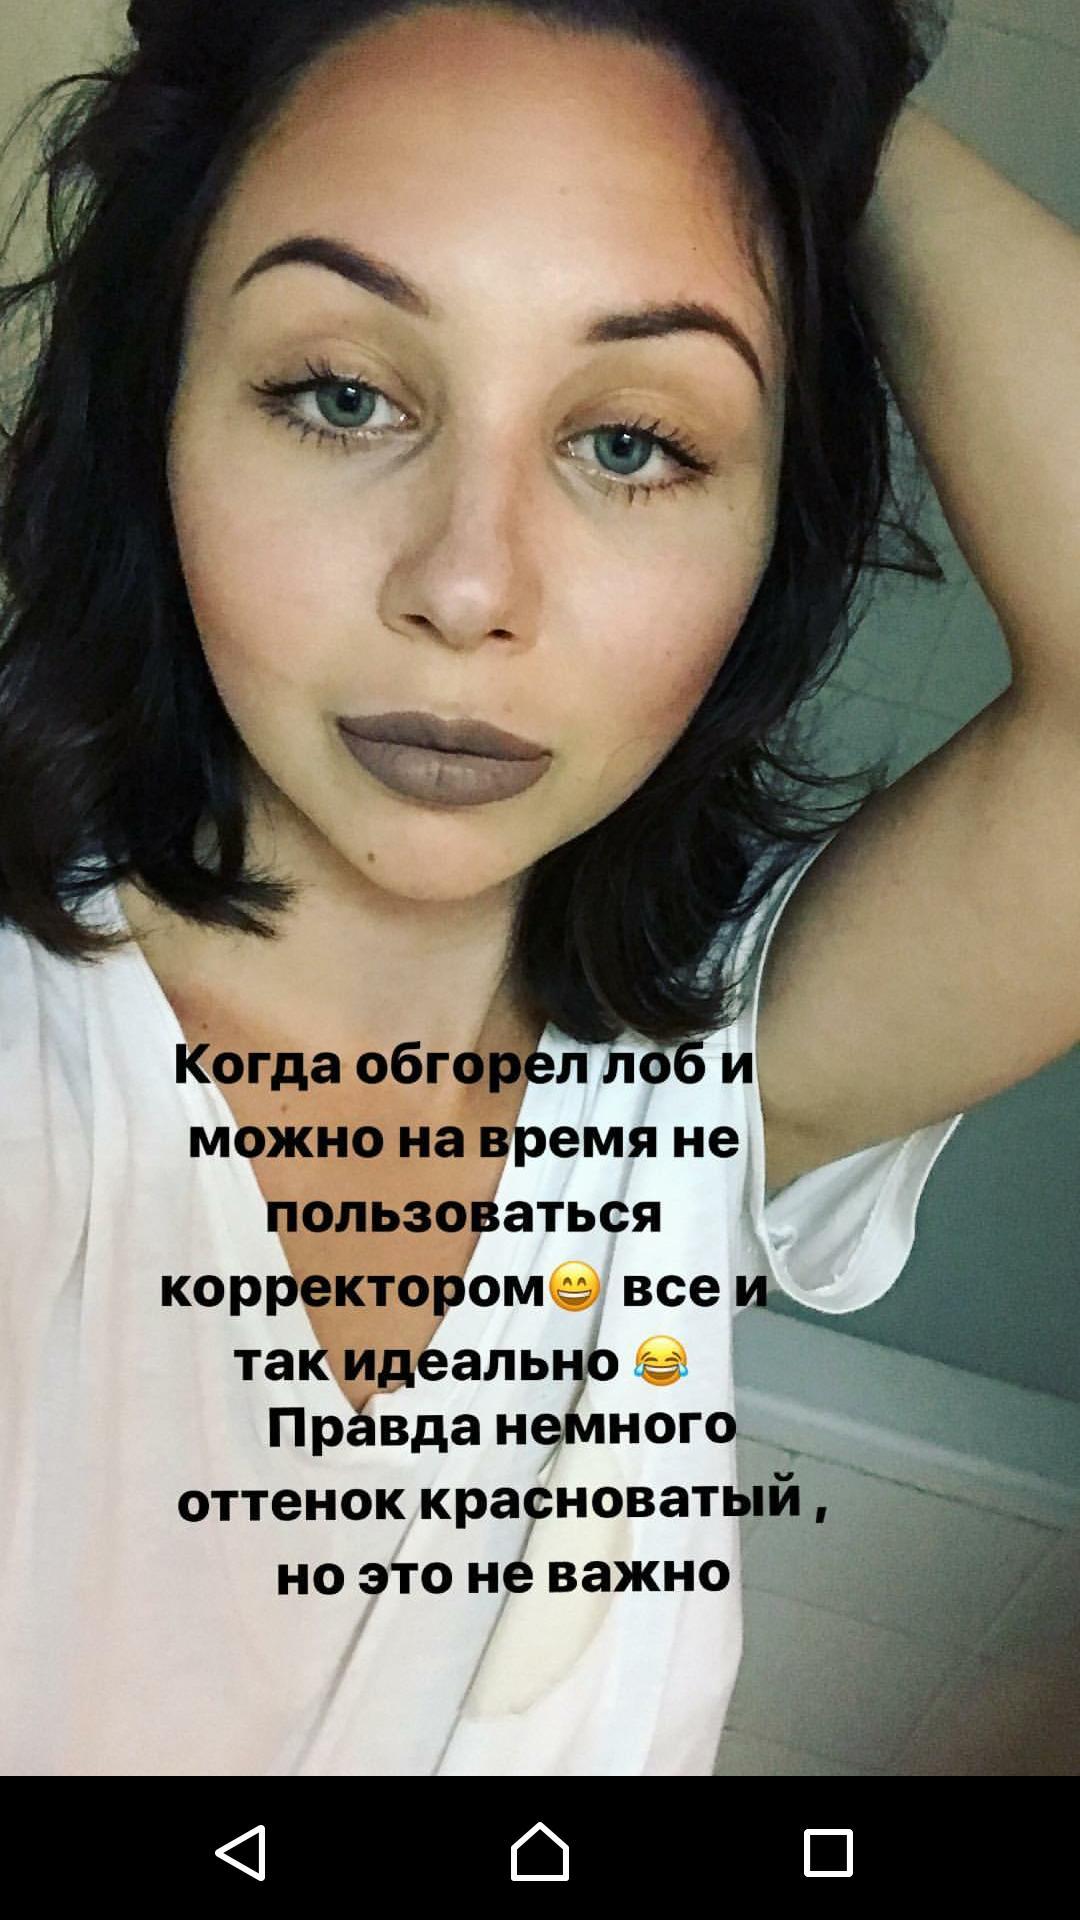 自撮りした最近のエリザベータトゥクタミシェワが年齢不詳な状態に